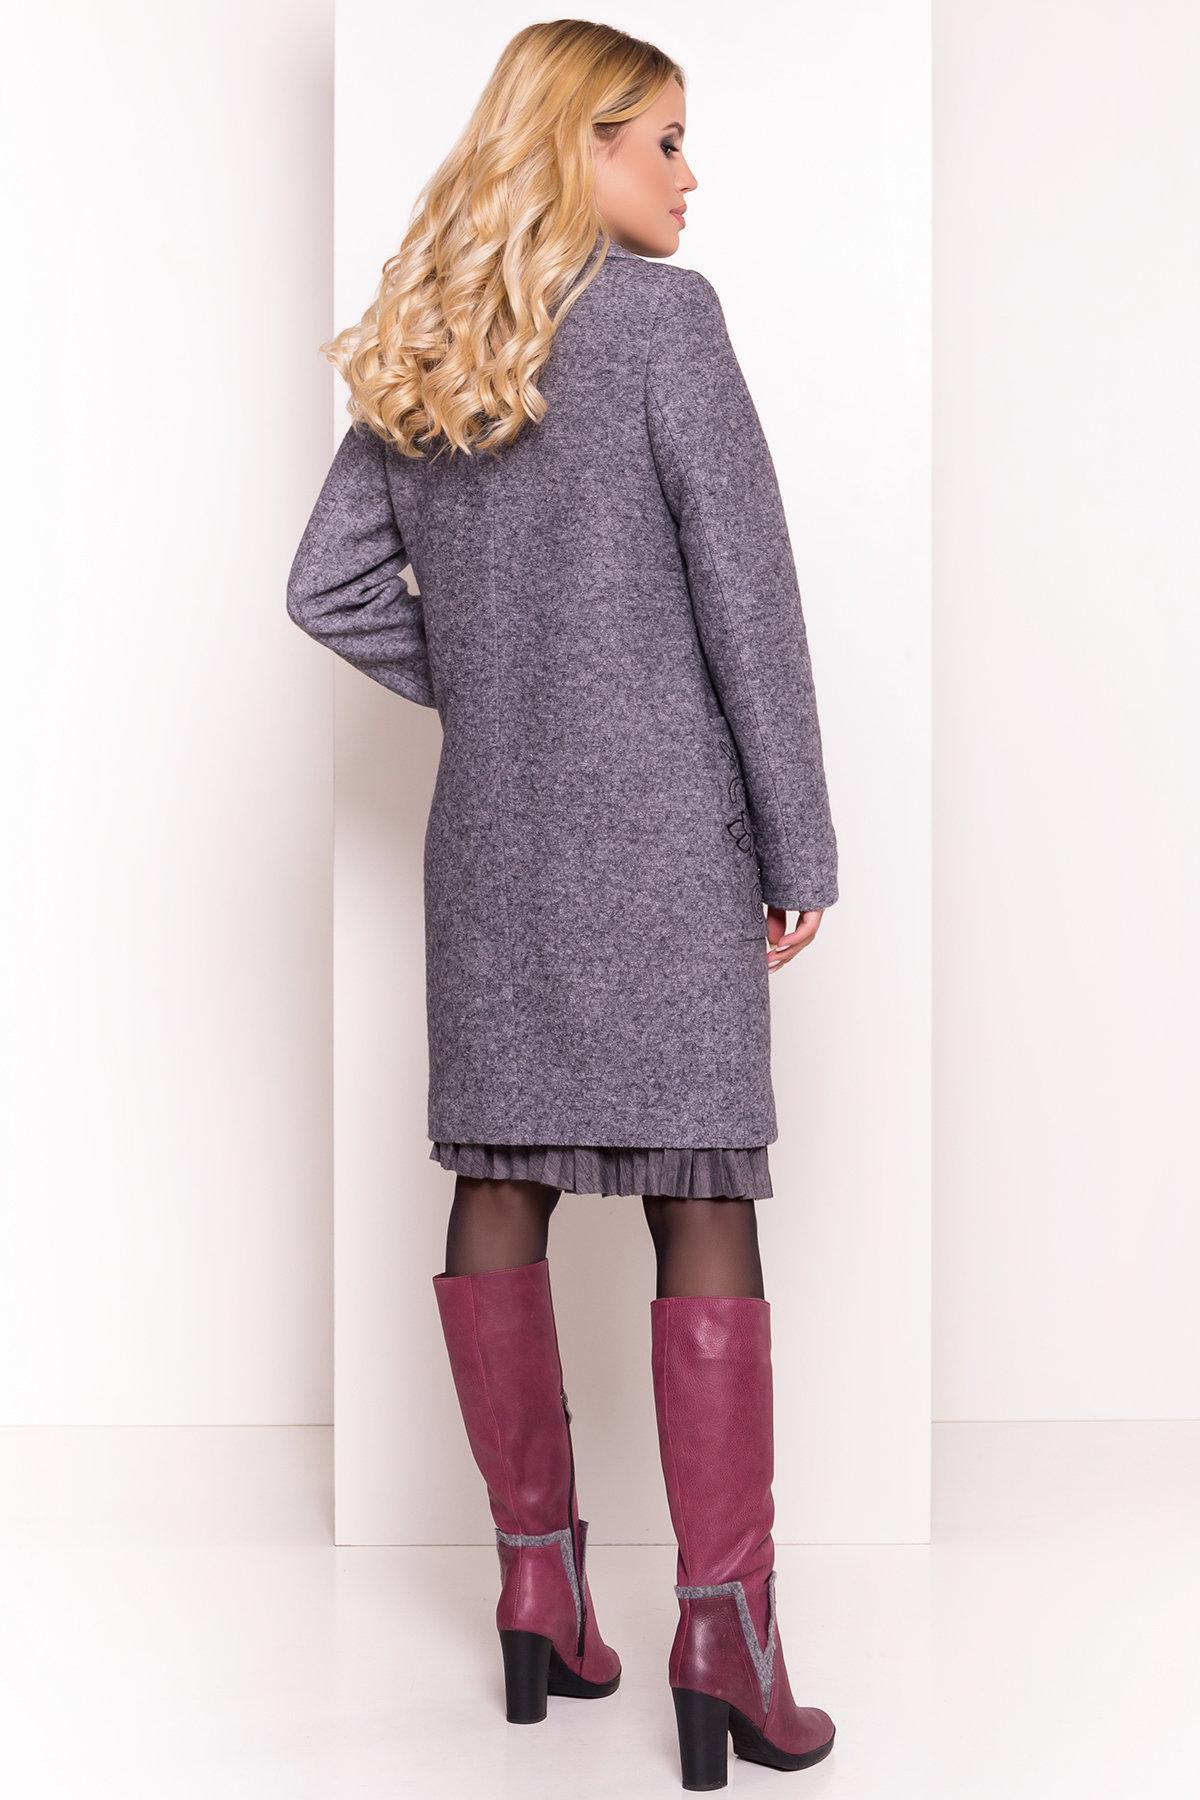 Демисезонное пальто из варенной шерсти Милена 5273 АРТ. 36892 Цвет: Серый Темный LW-47 - фото 2, интернет магазин tm-modus.ru